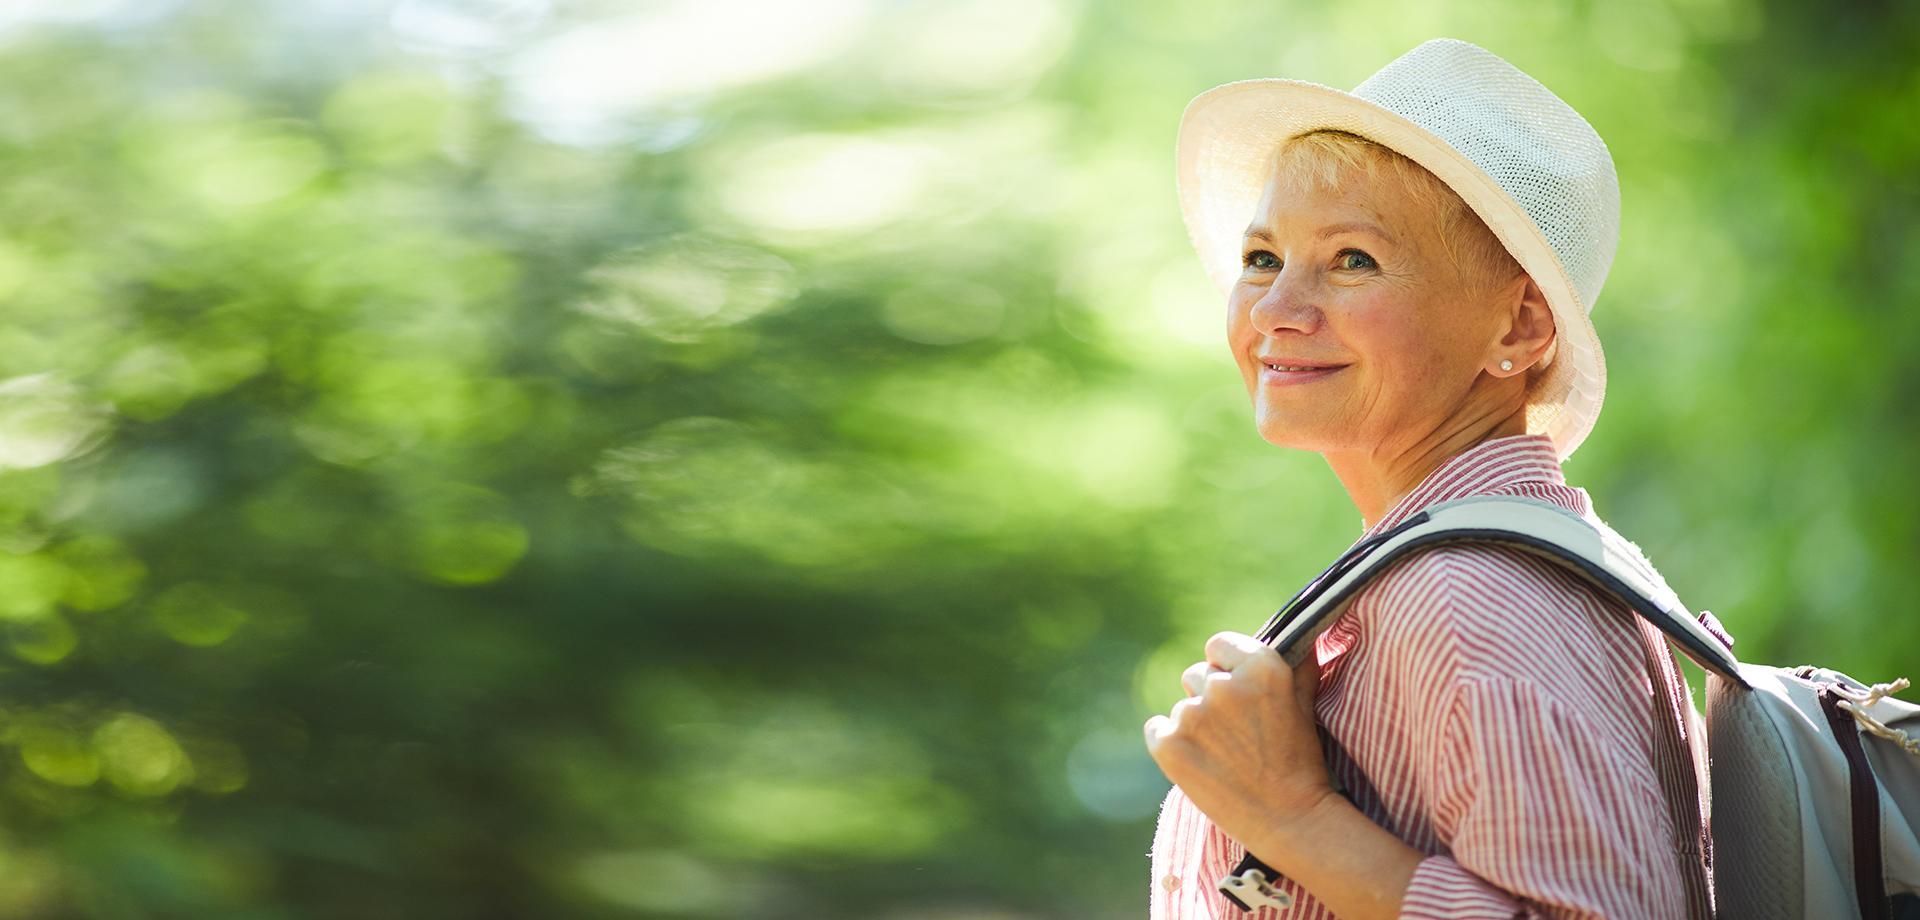 caida de pelo en la menopausia